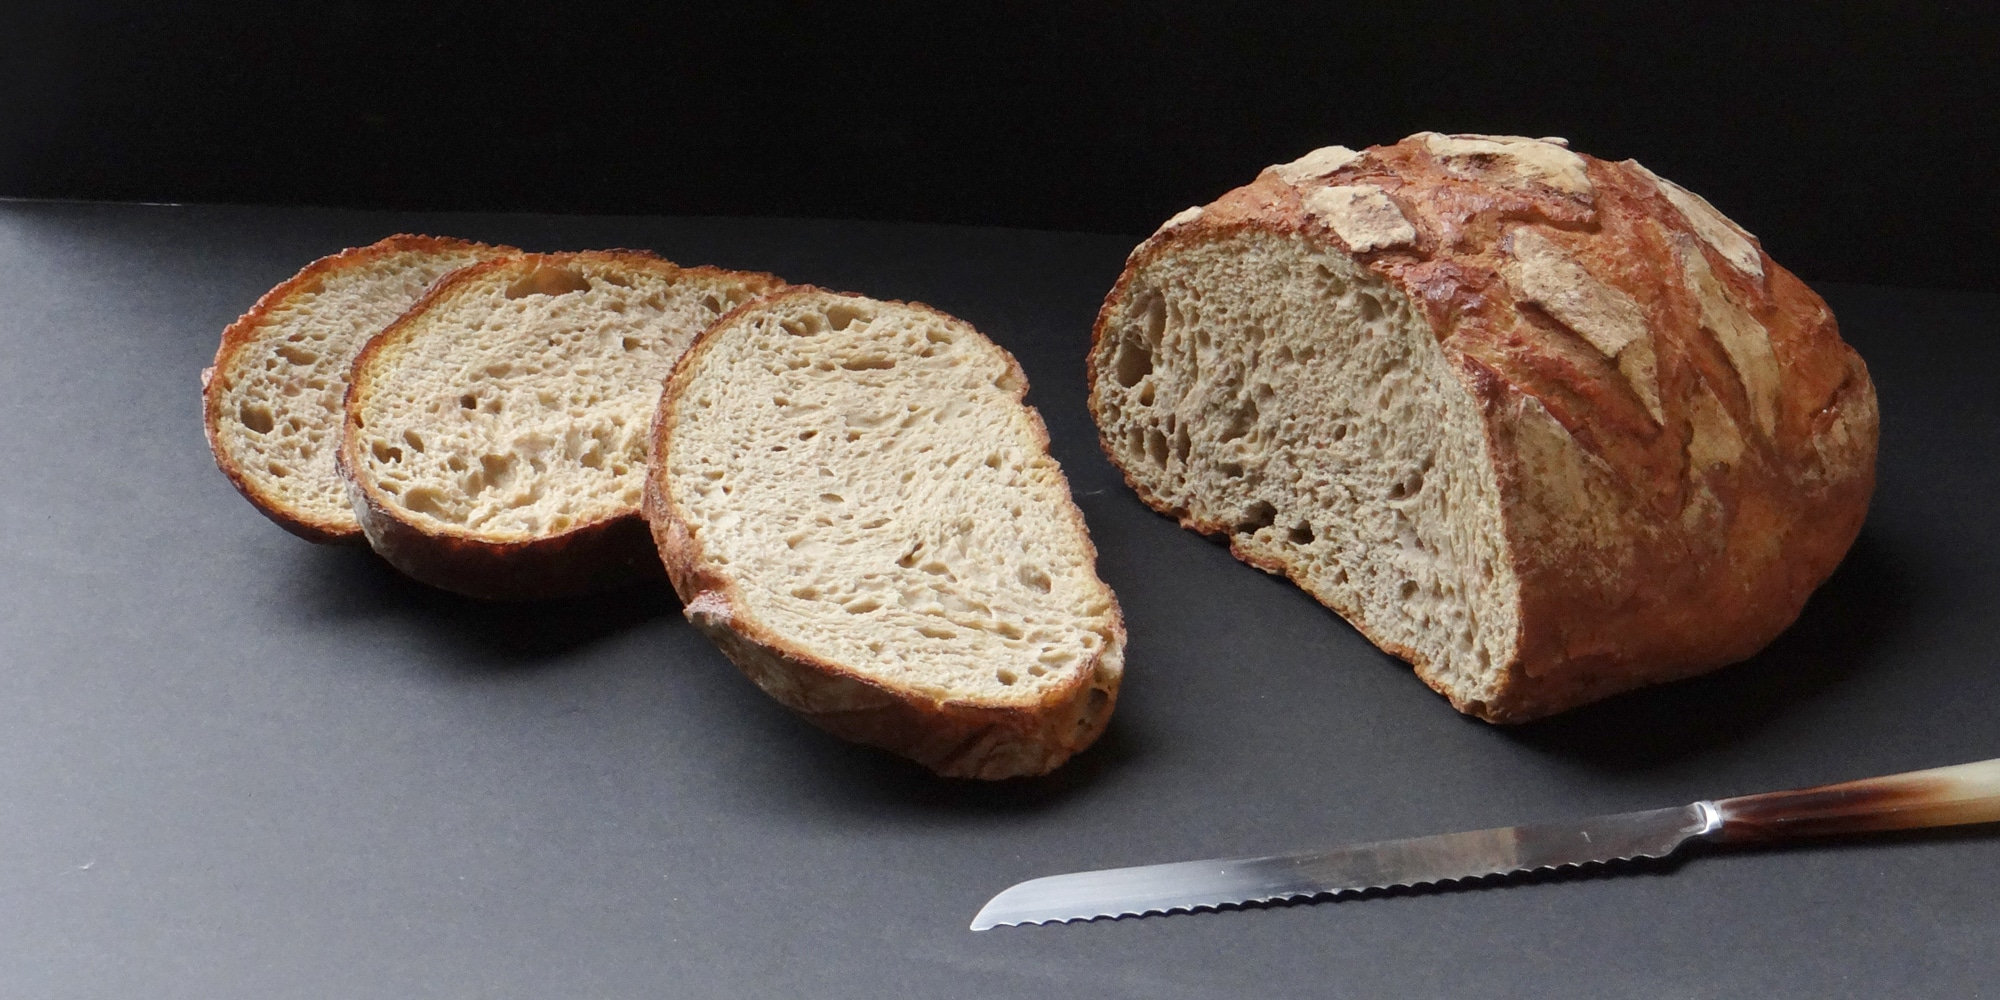 l'art de rendre vrai un pain factice par une mise en scène dynamique